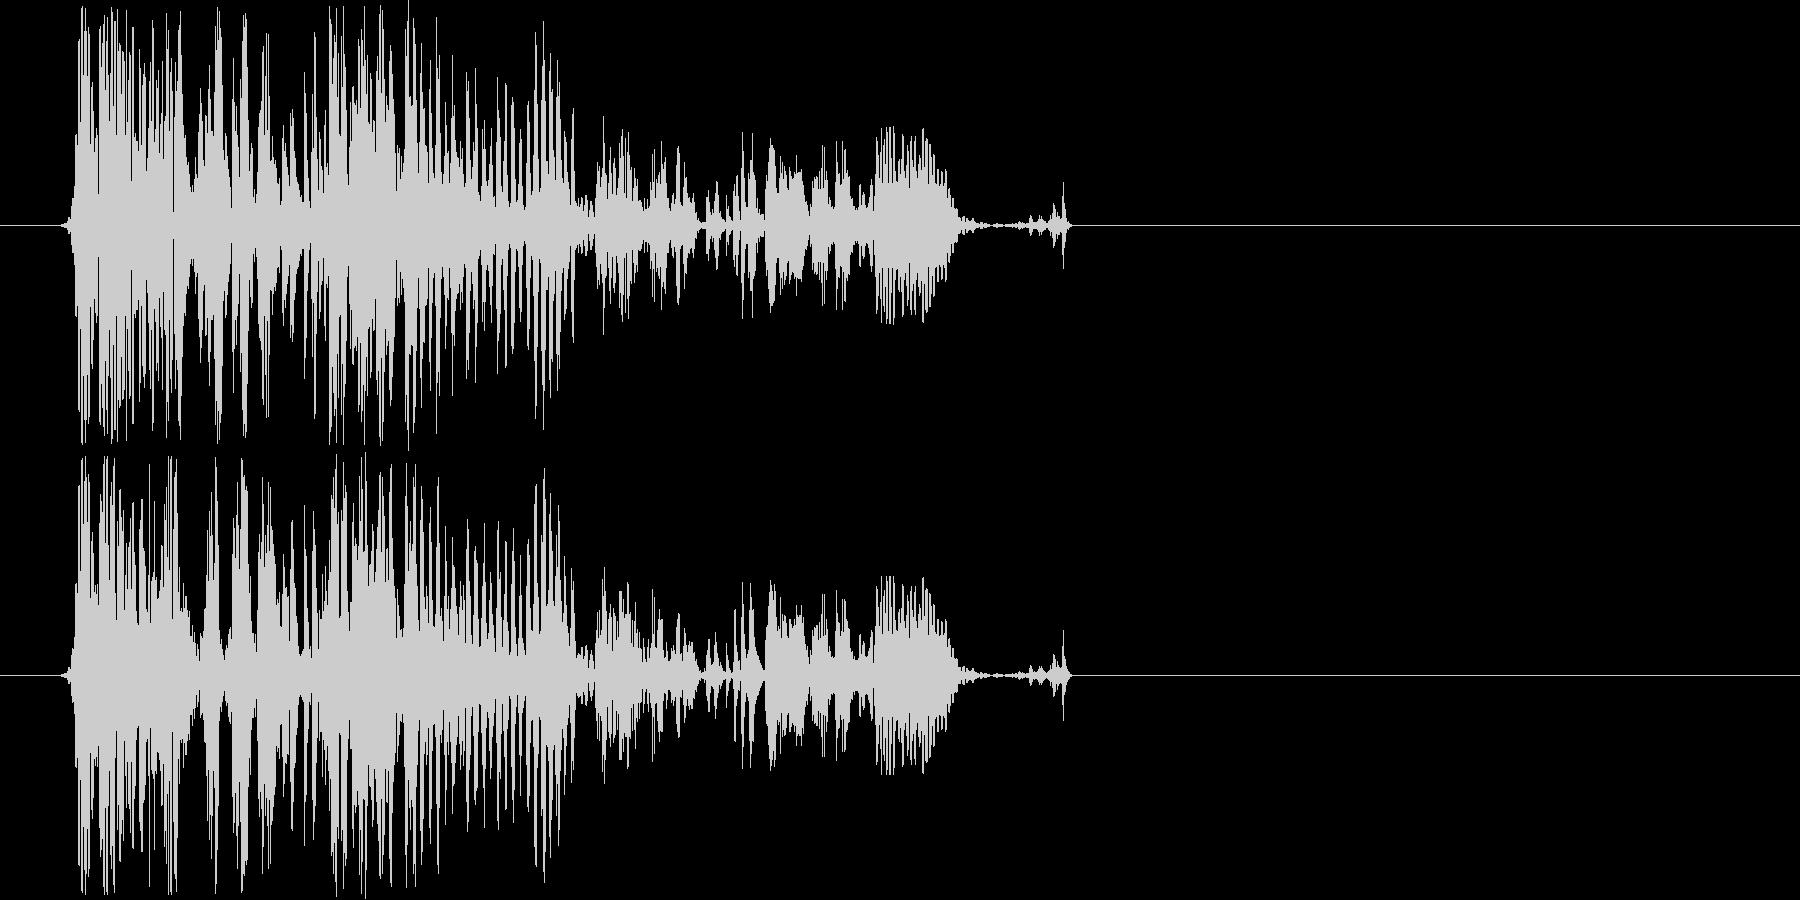 近未来を想像させる音の未再生の波形